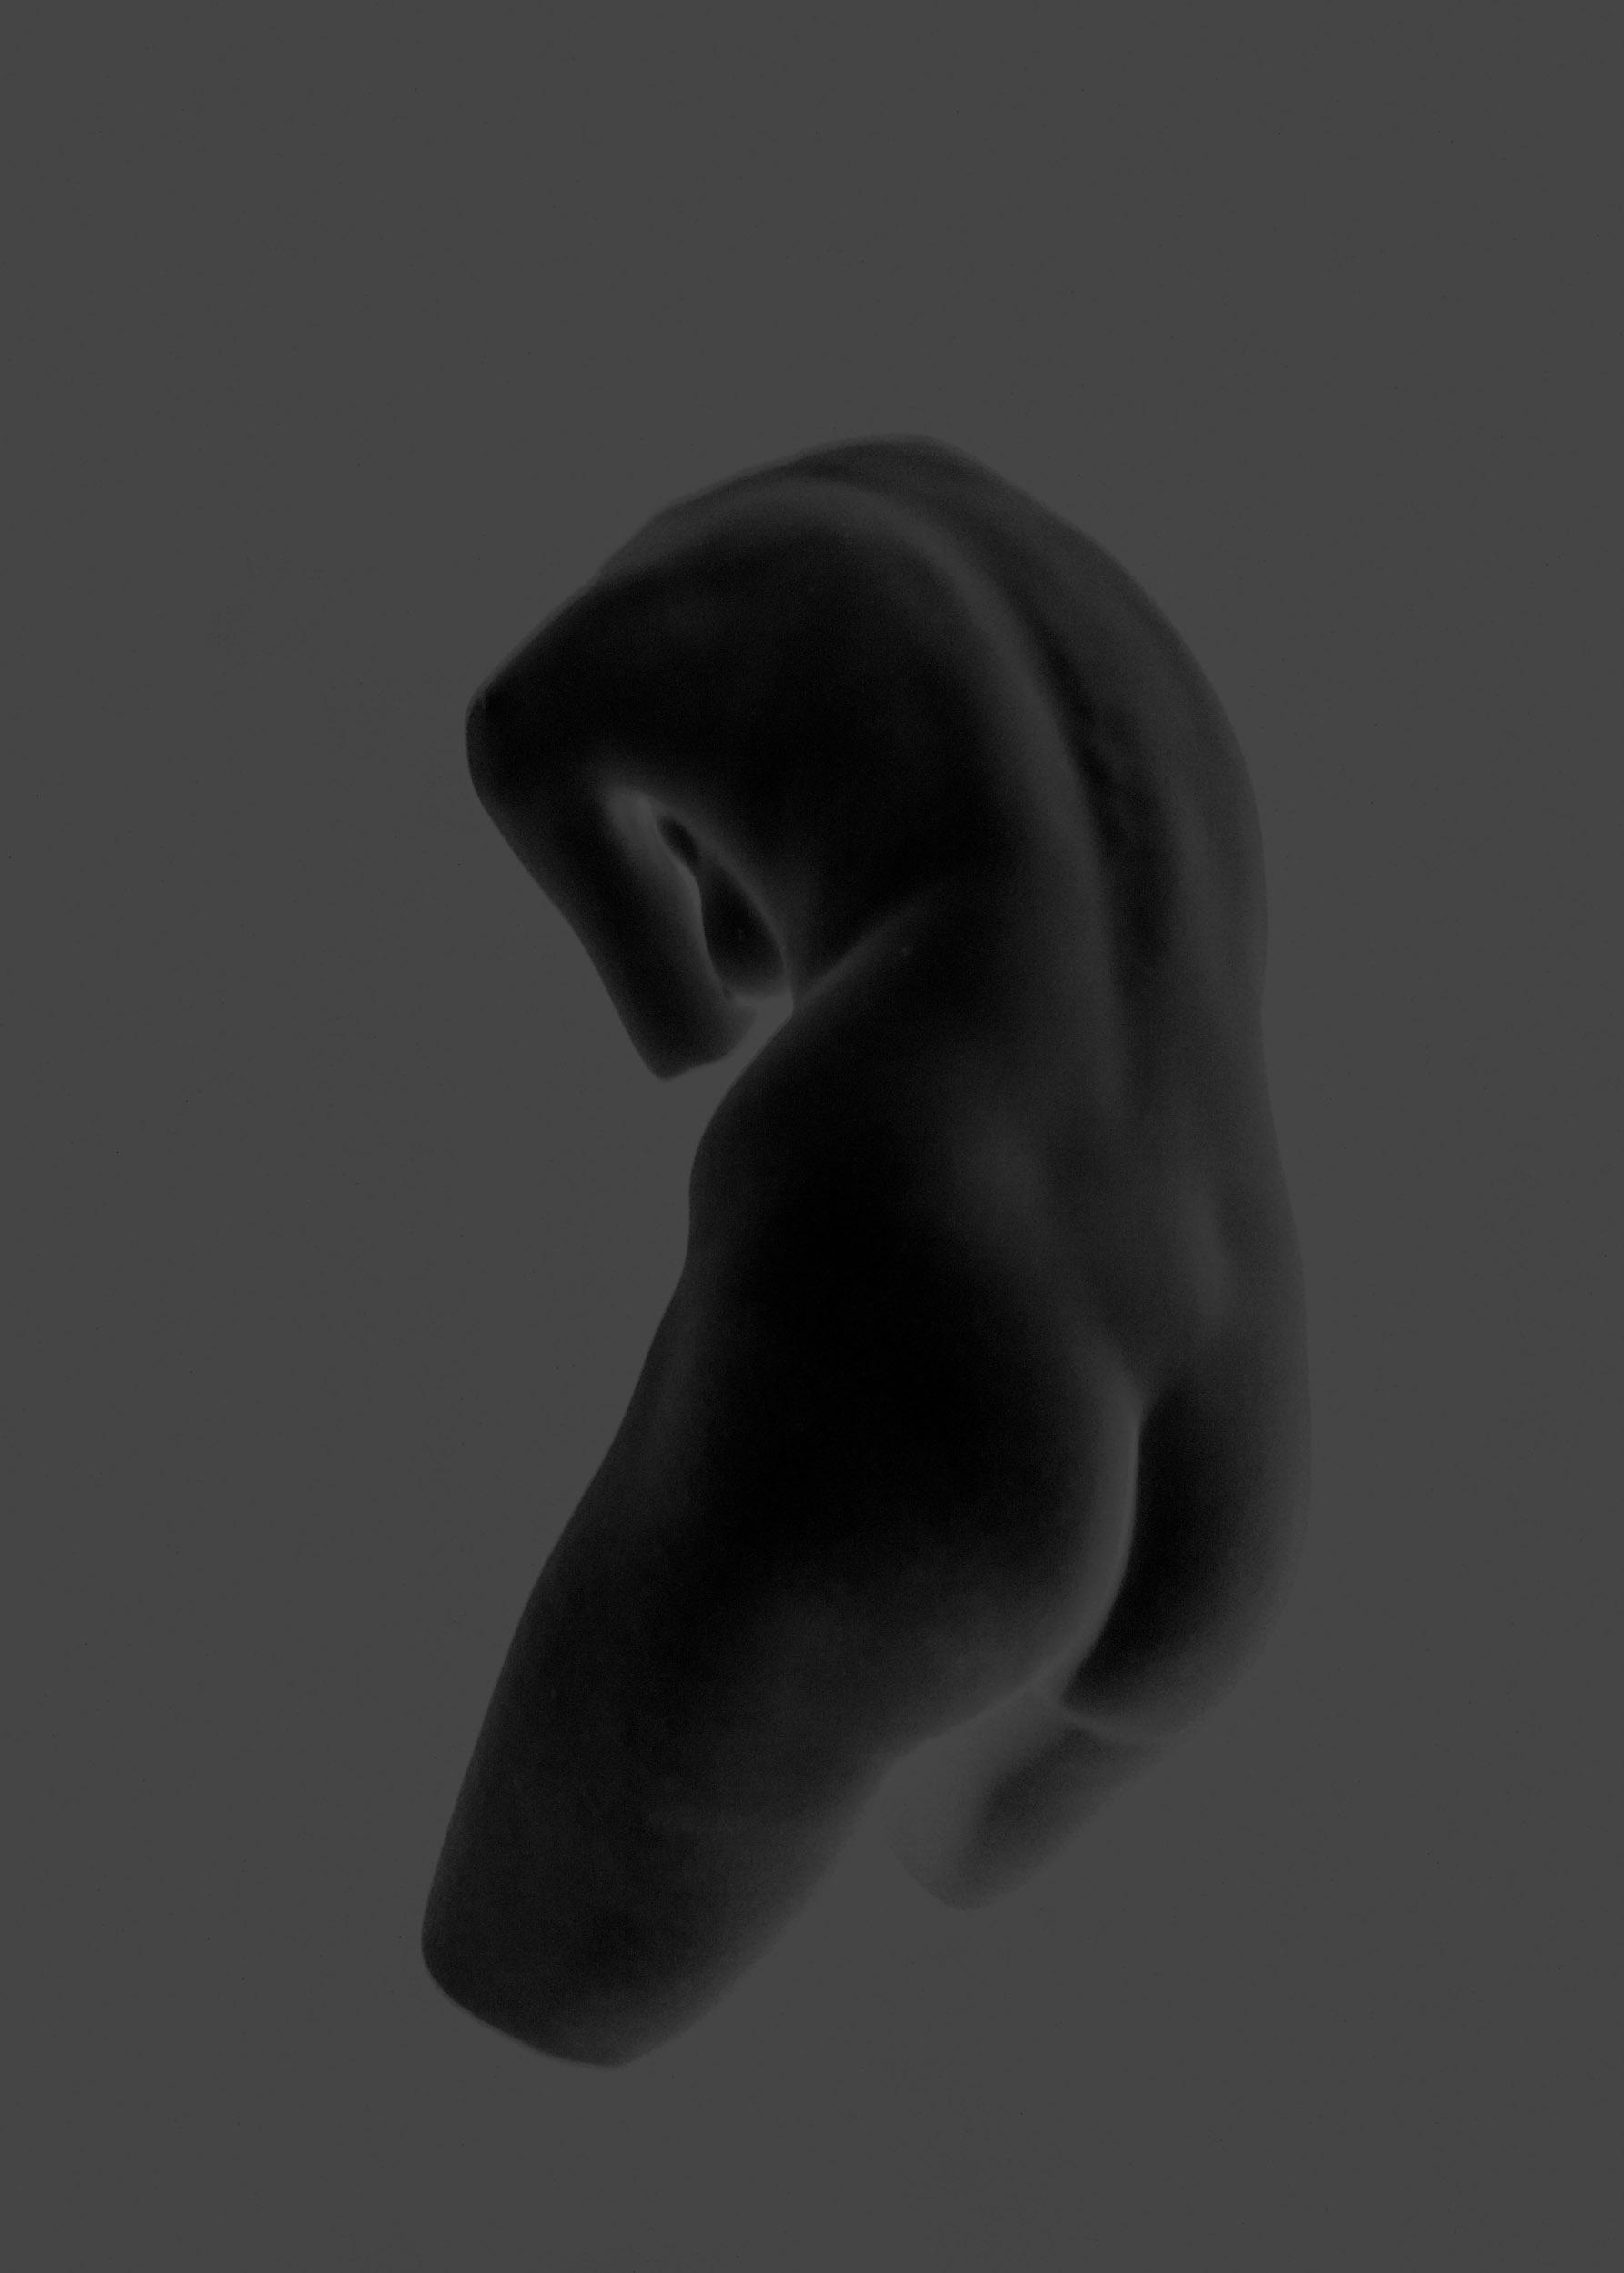 hodosy_invisible-you-honlap-6-4.jpg